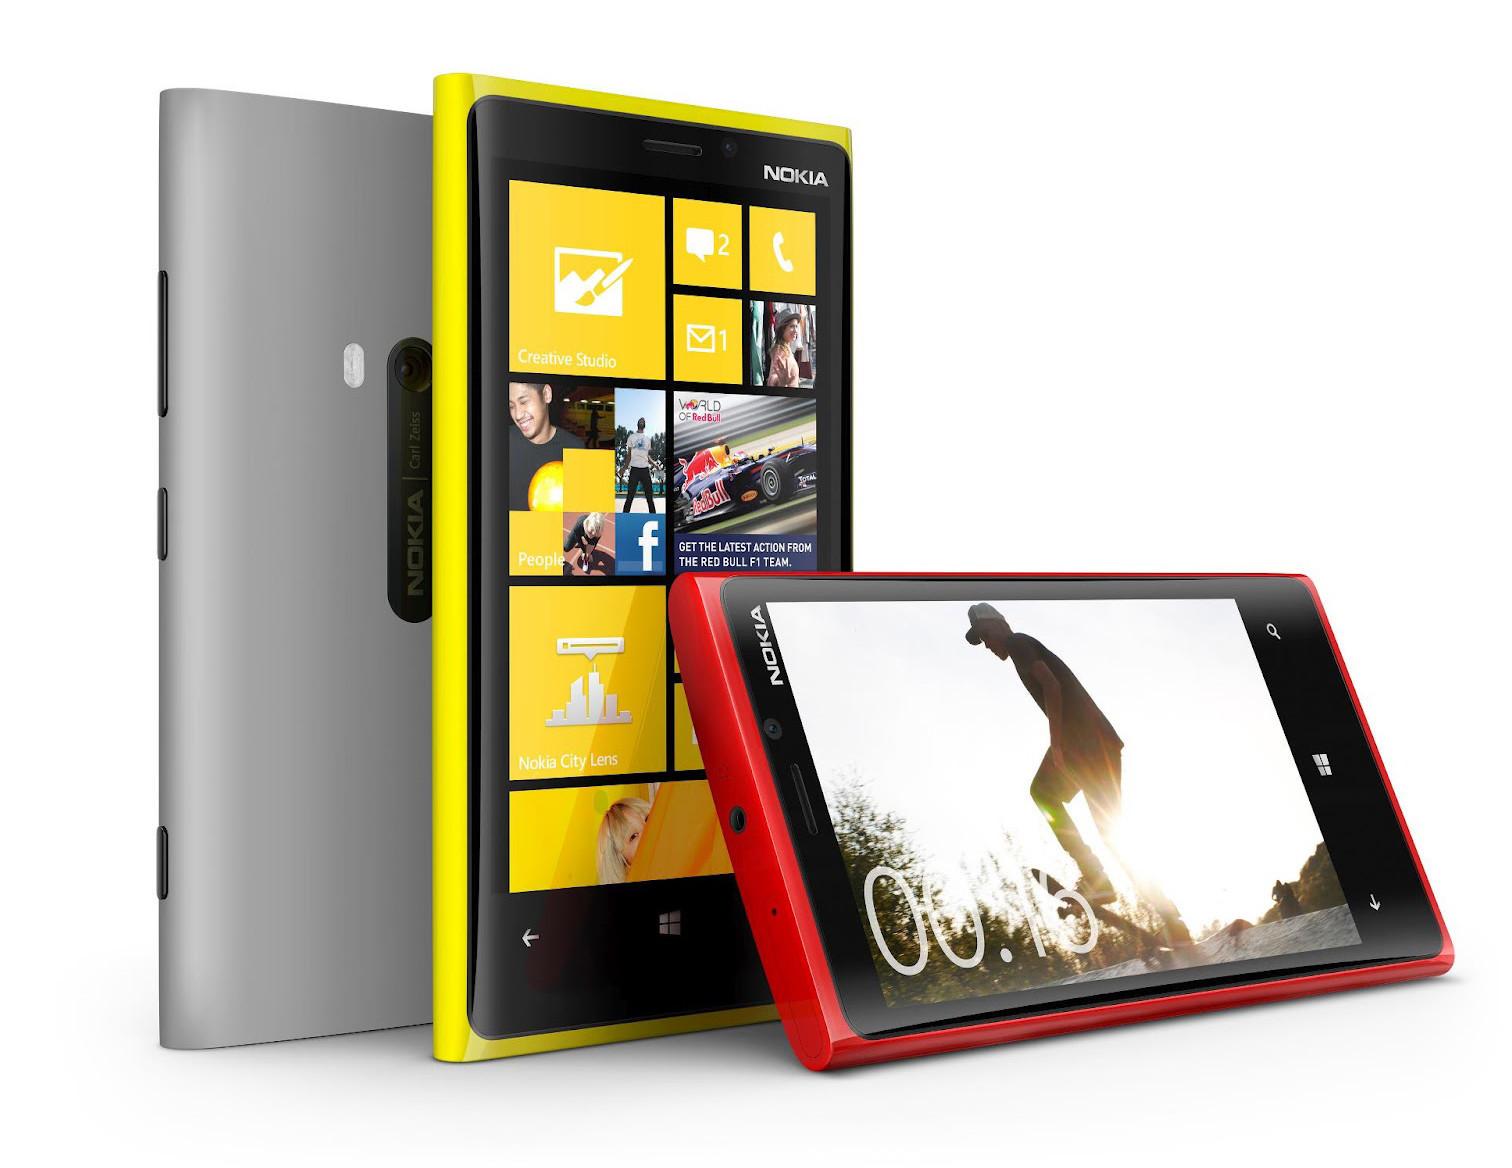 Nokia finally unveils not one but two windows phones the lumia 800 - Apollo